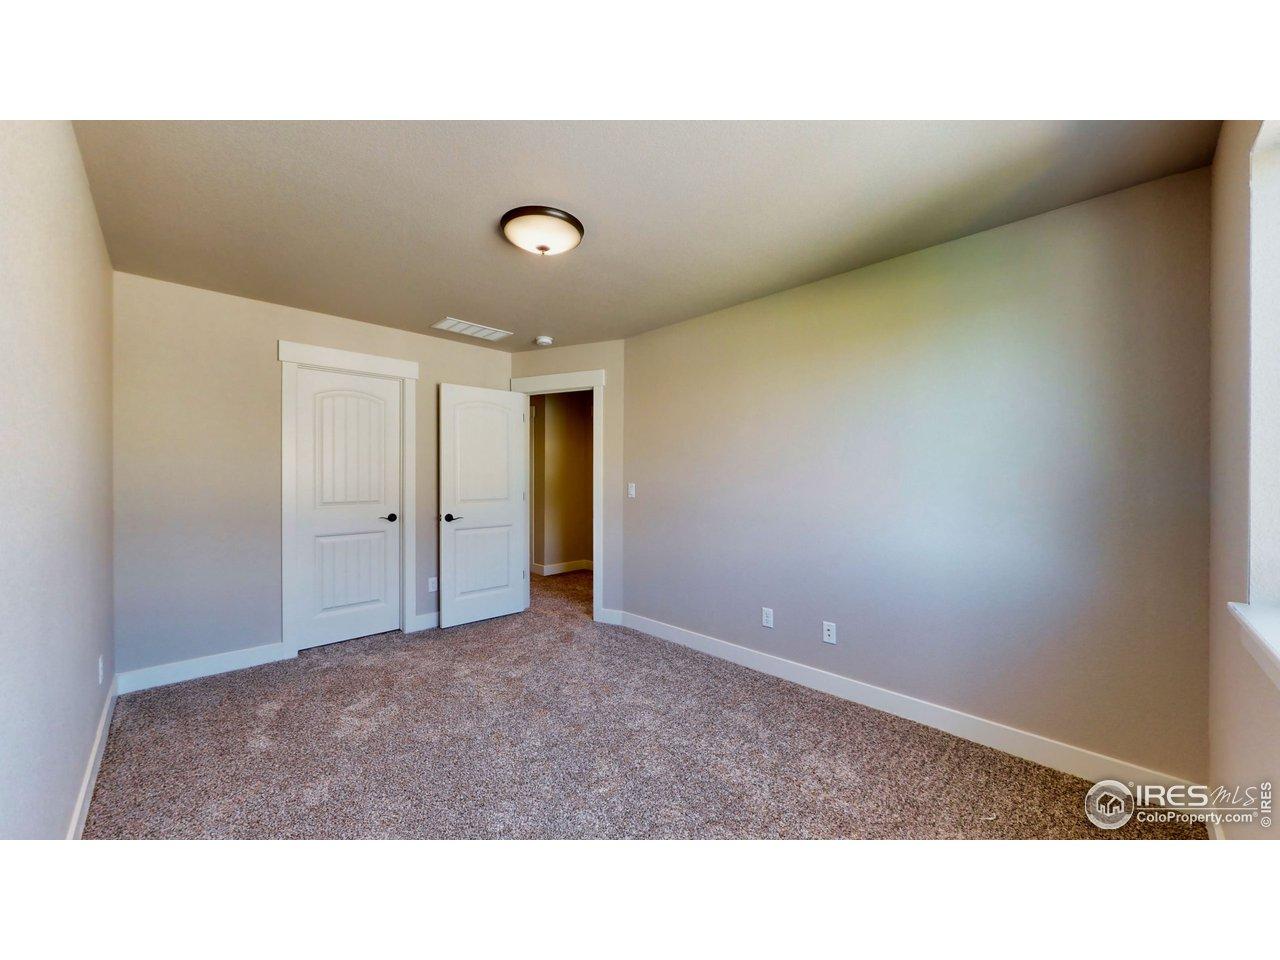 2nd Bedroom has walk in closet